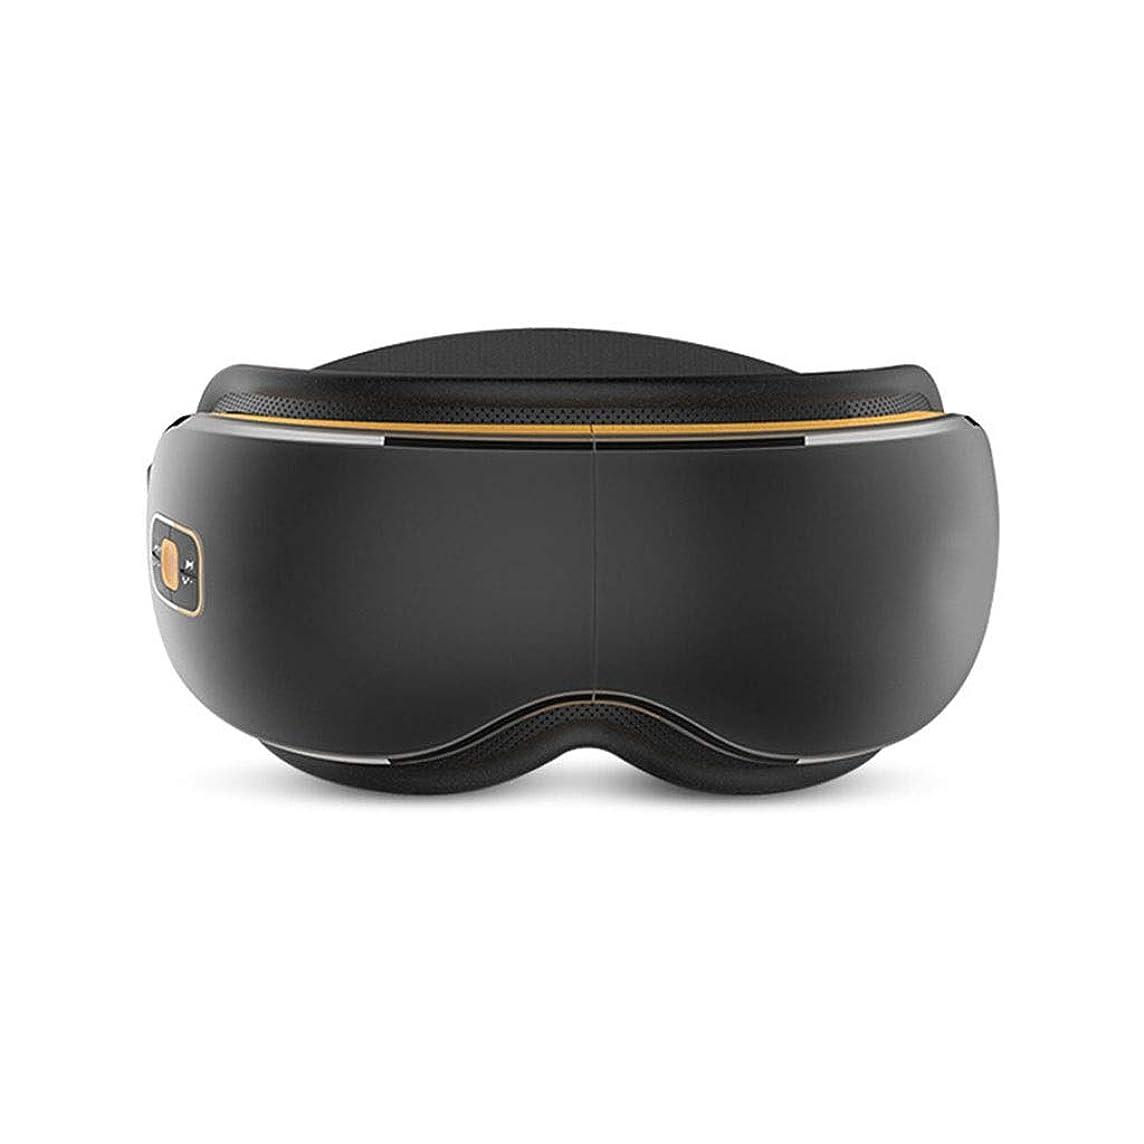 コントローラ役員引用電気アイマッサージャー振動マッサージ暖房/ラップ/音楽/空気圧縮4つのモードで目をリラックスさせて暗い円を減らし、睡眠を改善するためのヘッドプレッシャーを緩和